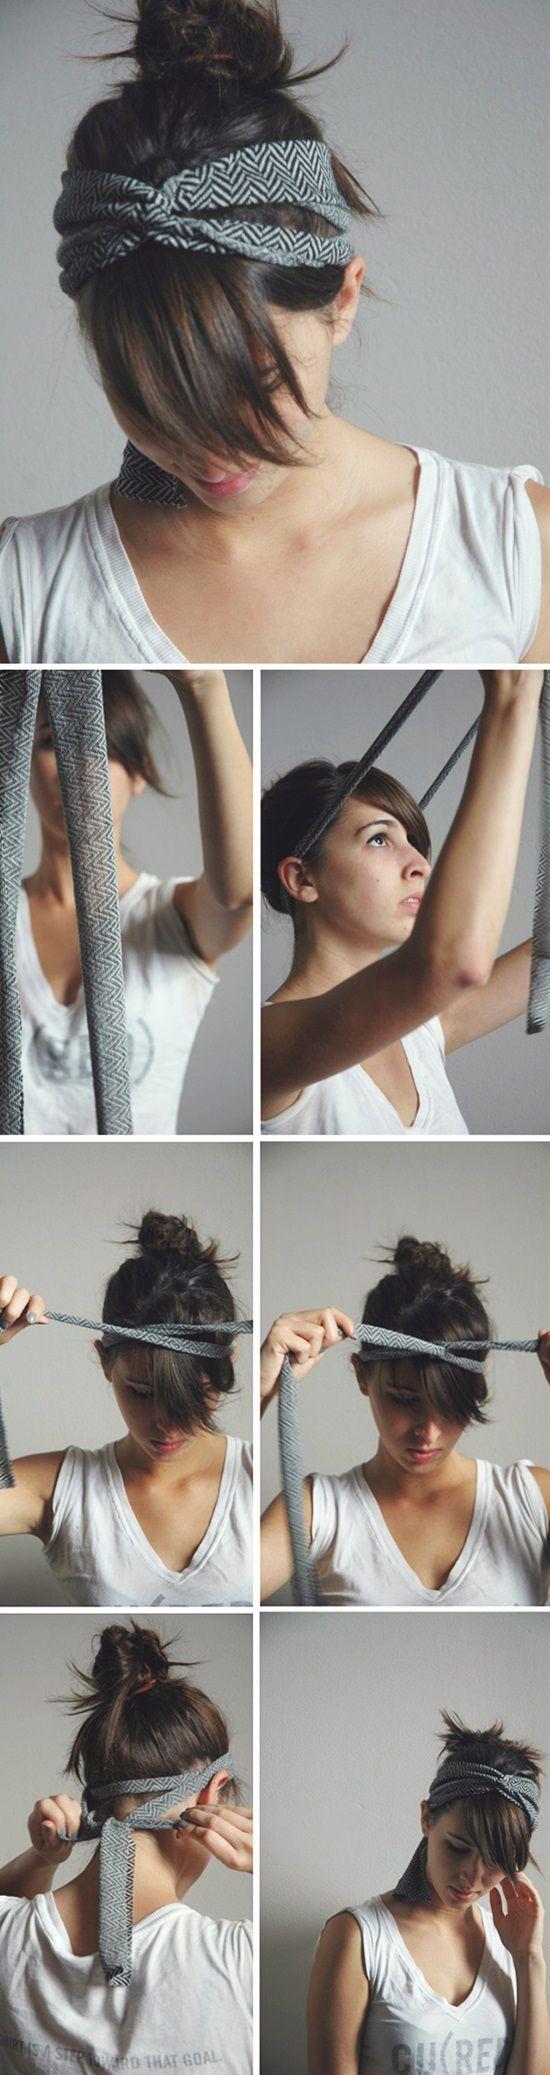 12 Stunning Ideas on How To Wear Headbands